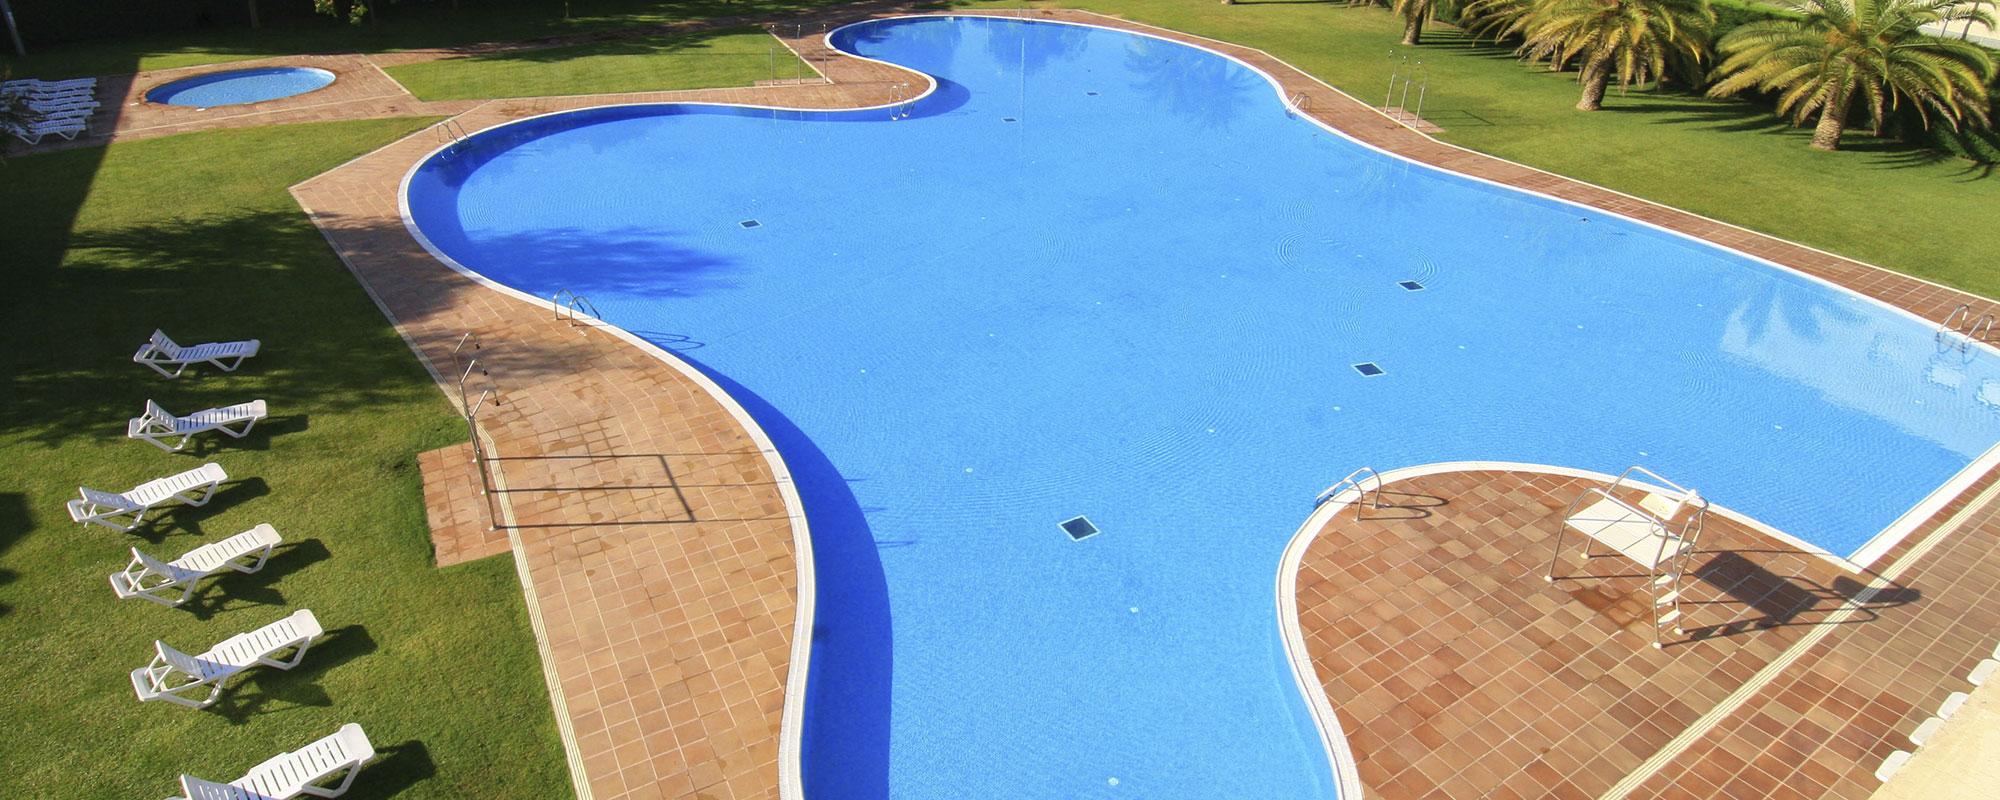 Ja pots accedir a la plataforma per a reserva l'accés a la piscina exterior!